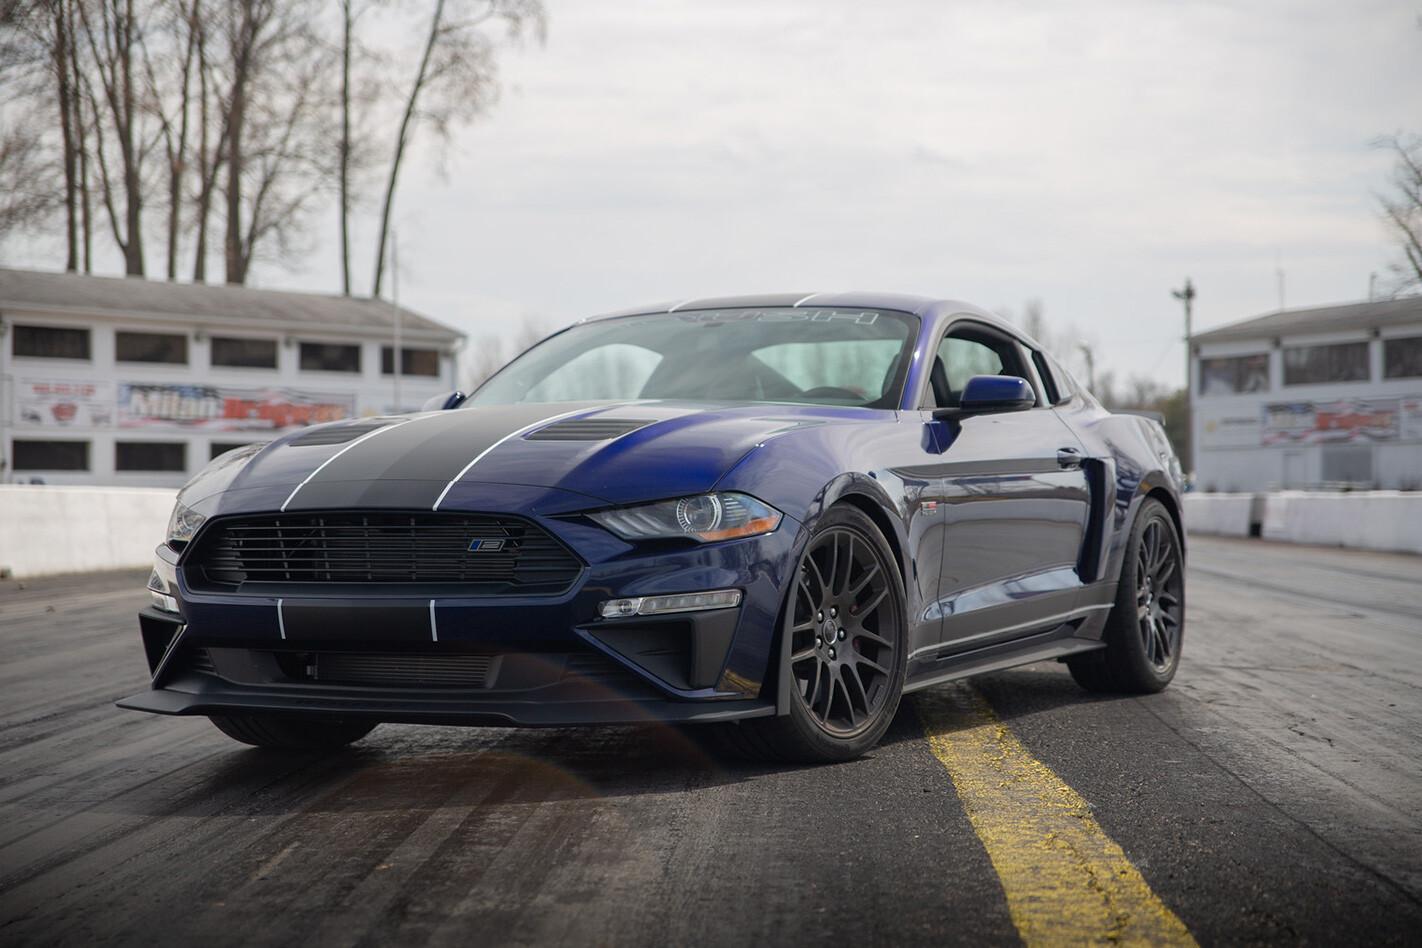 Roush JackHammer Mustang side